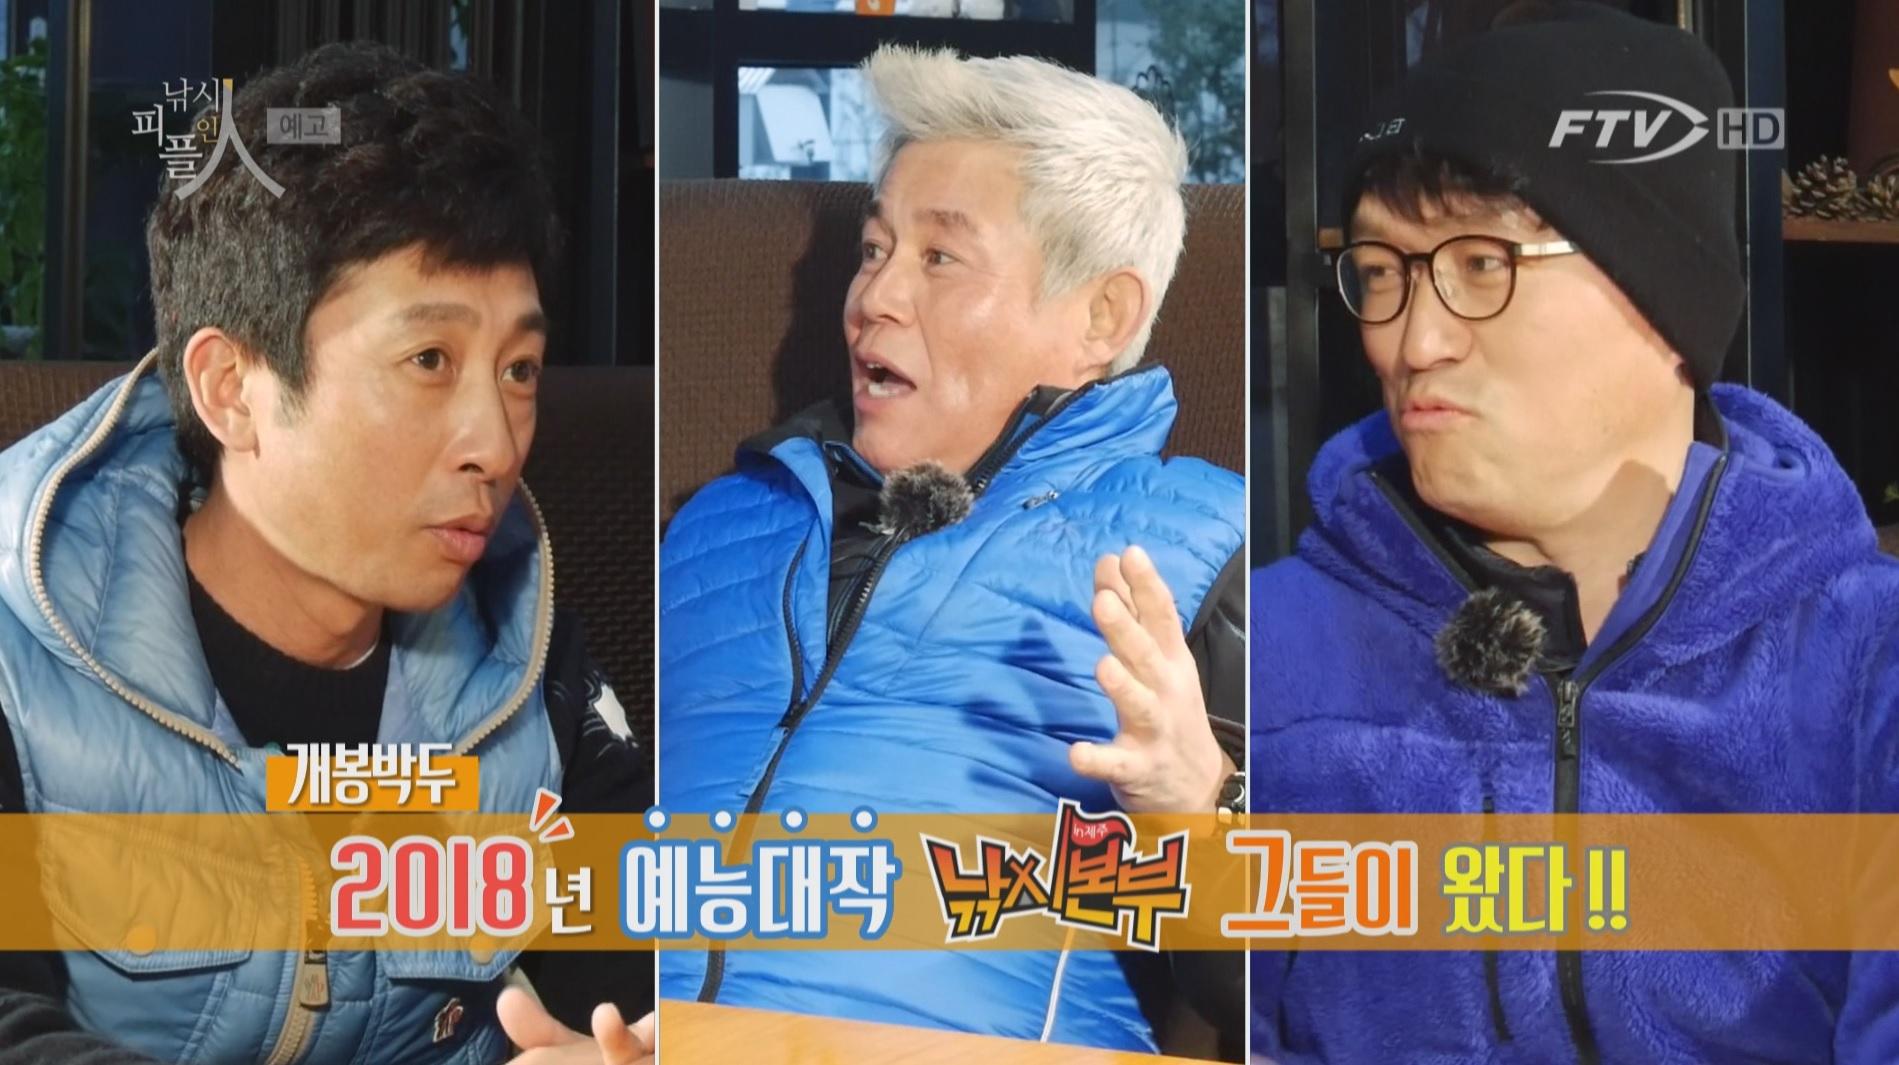 FTV 낚시예능 '낚시본부' 정명환·고명환·김의수, '낚시人피플'서 거침없는 입담 과시